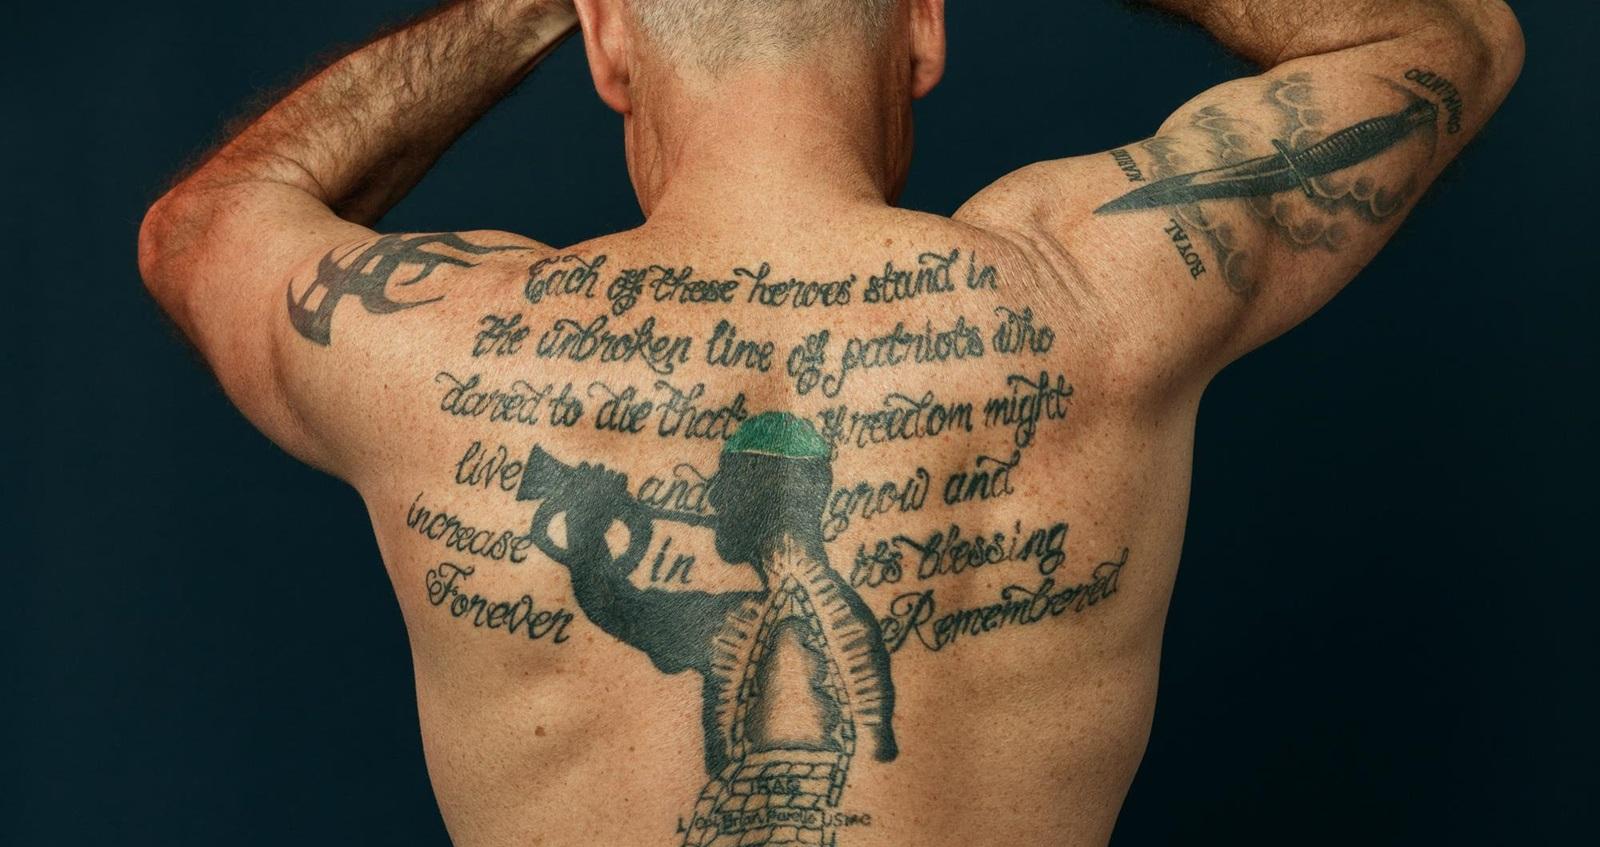 Matt Tomlinson back tattoo